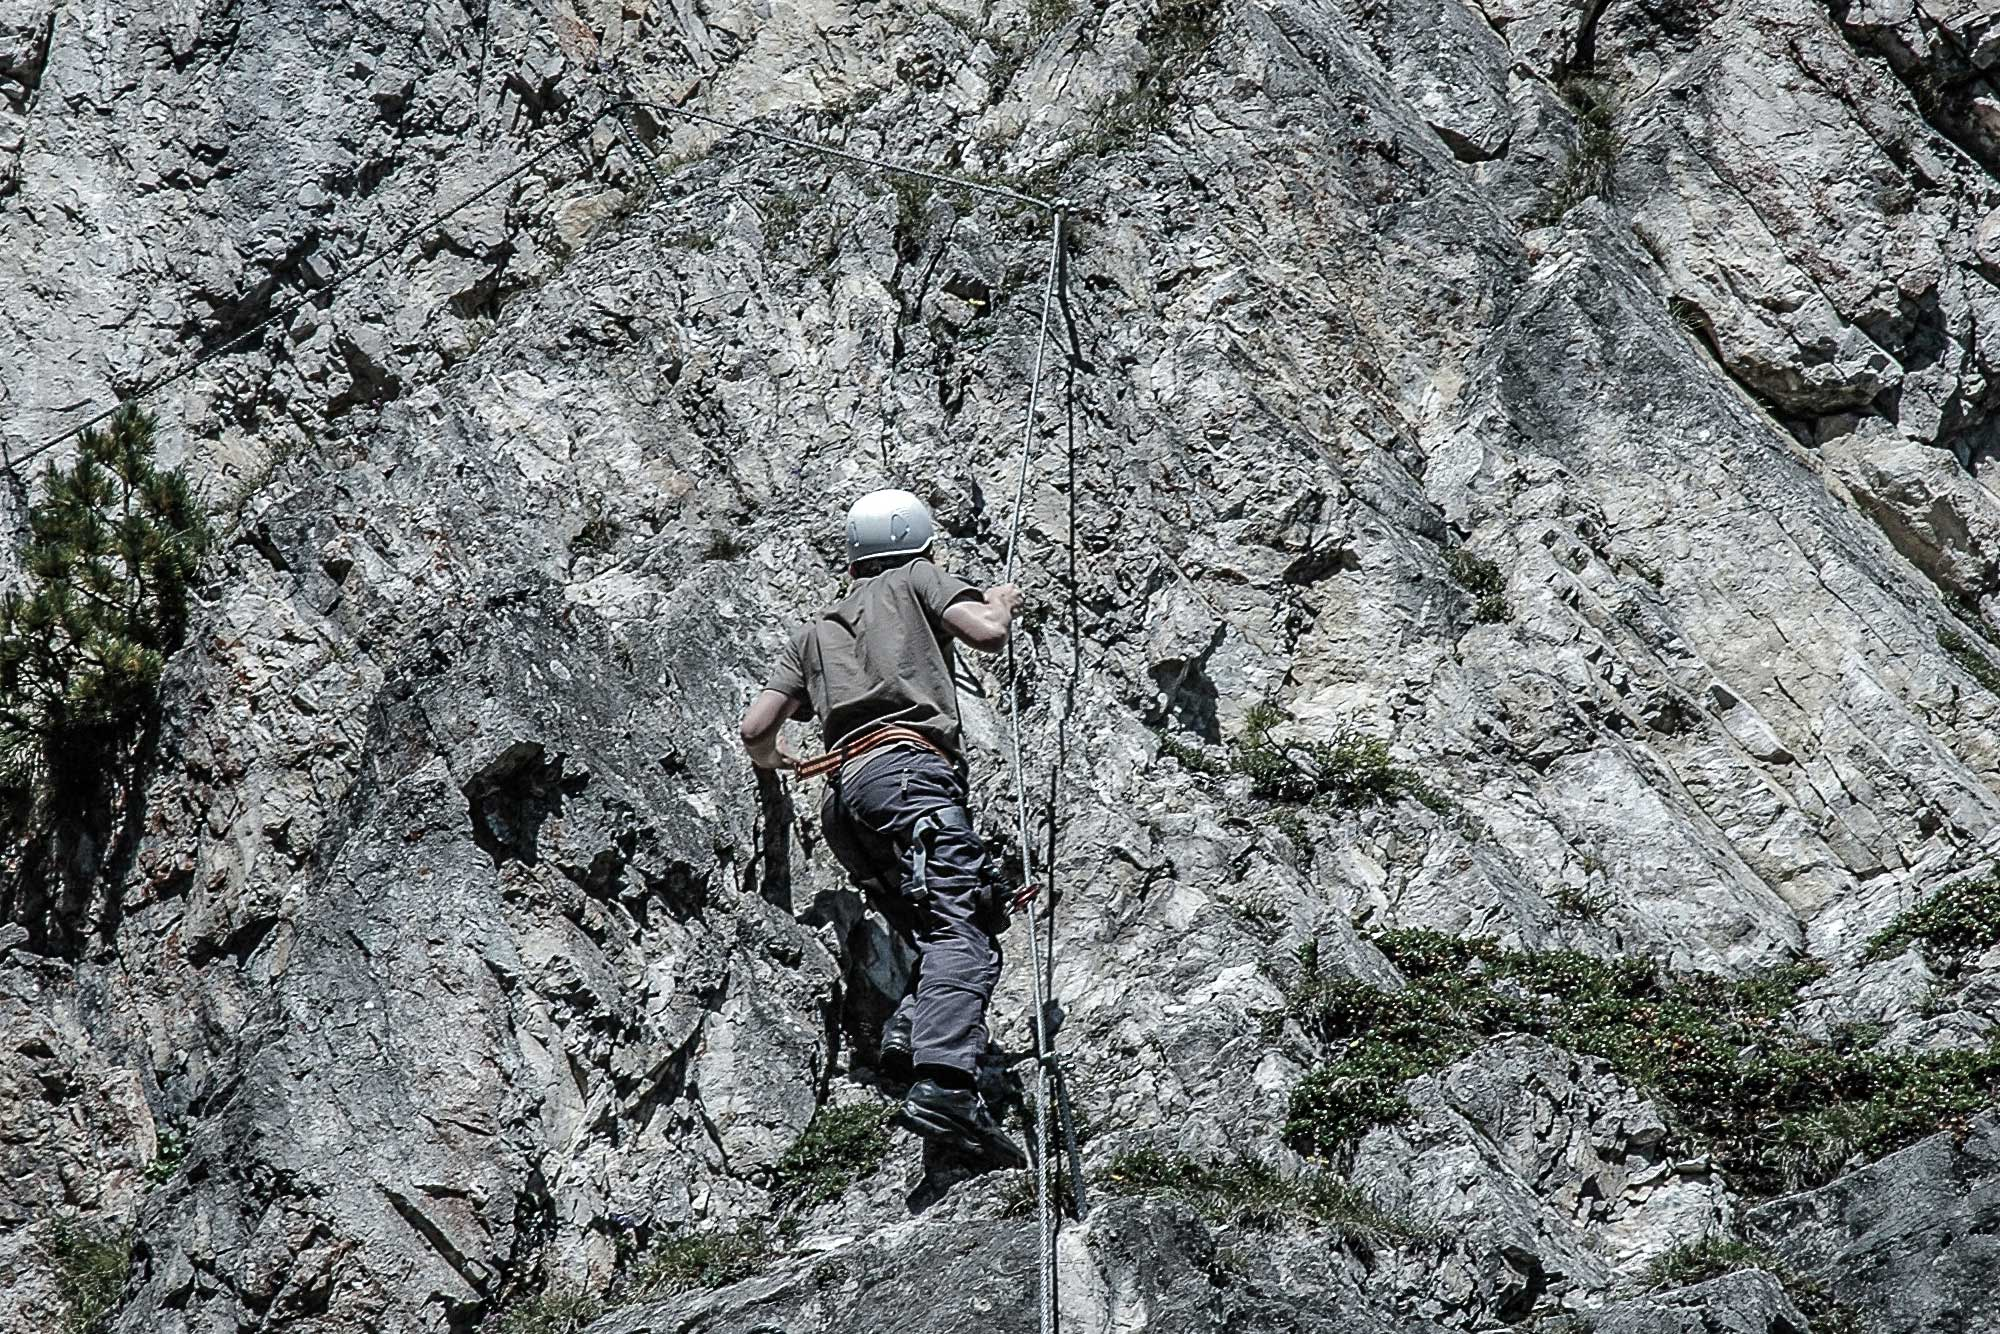 Klettergurte Für Klettersteig : Einzigartig kombi klettergurt für hochseilgarten klettersteig